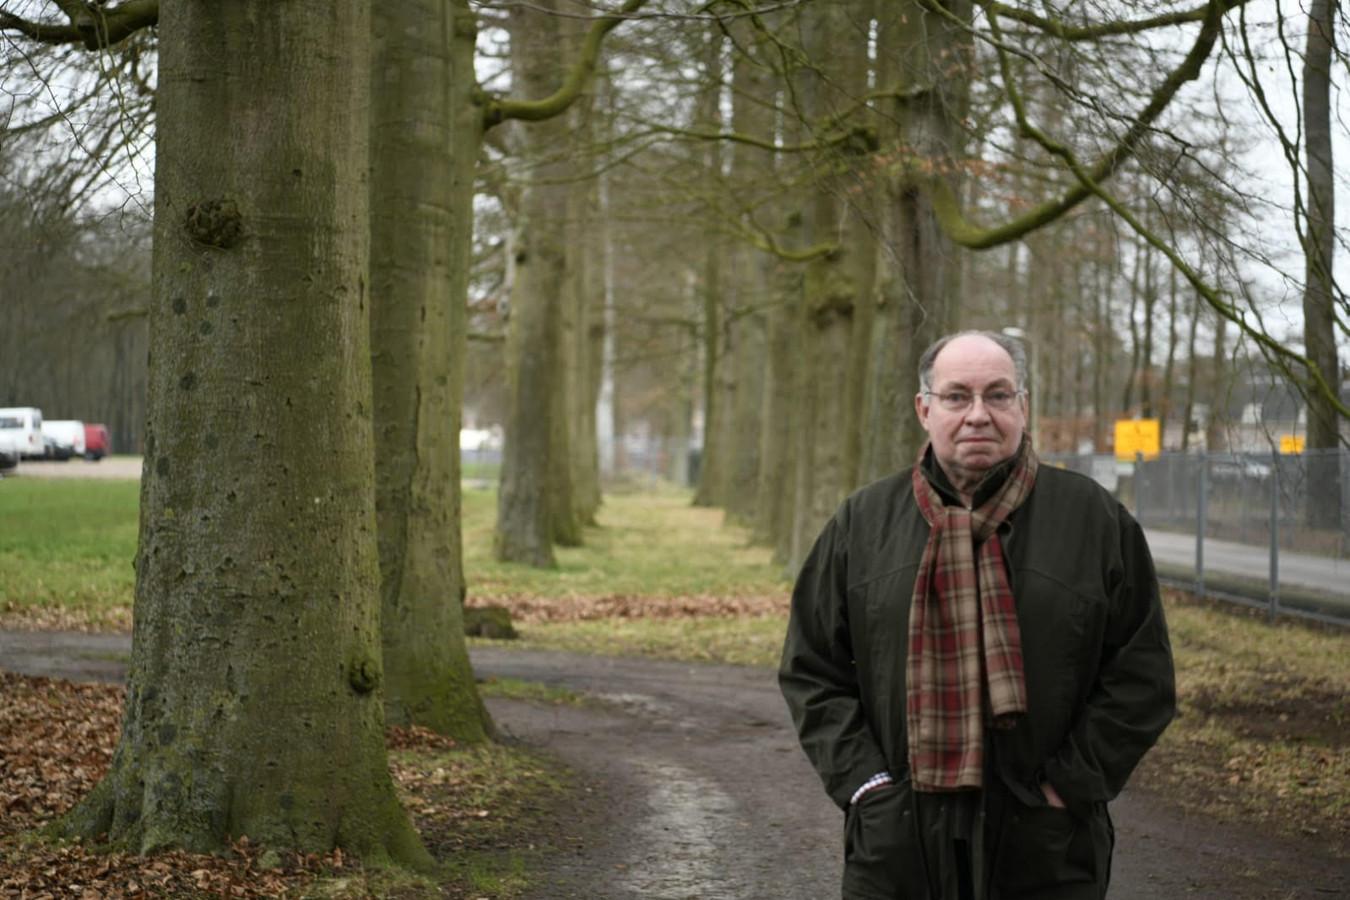 Omwonende Gert Schouten bij de Stallenlaan op het voorterrein van Paleis Het Loo. Ook deze bomen gaan sneuvelen.